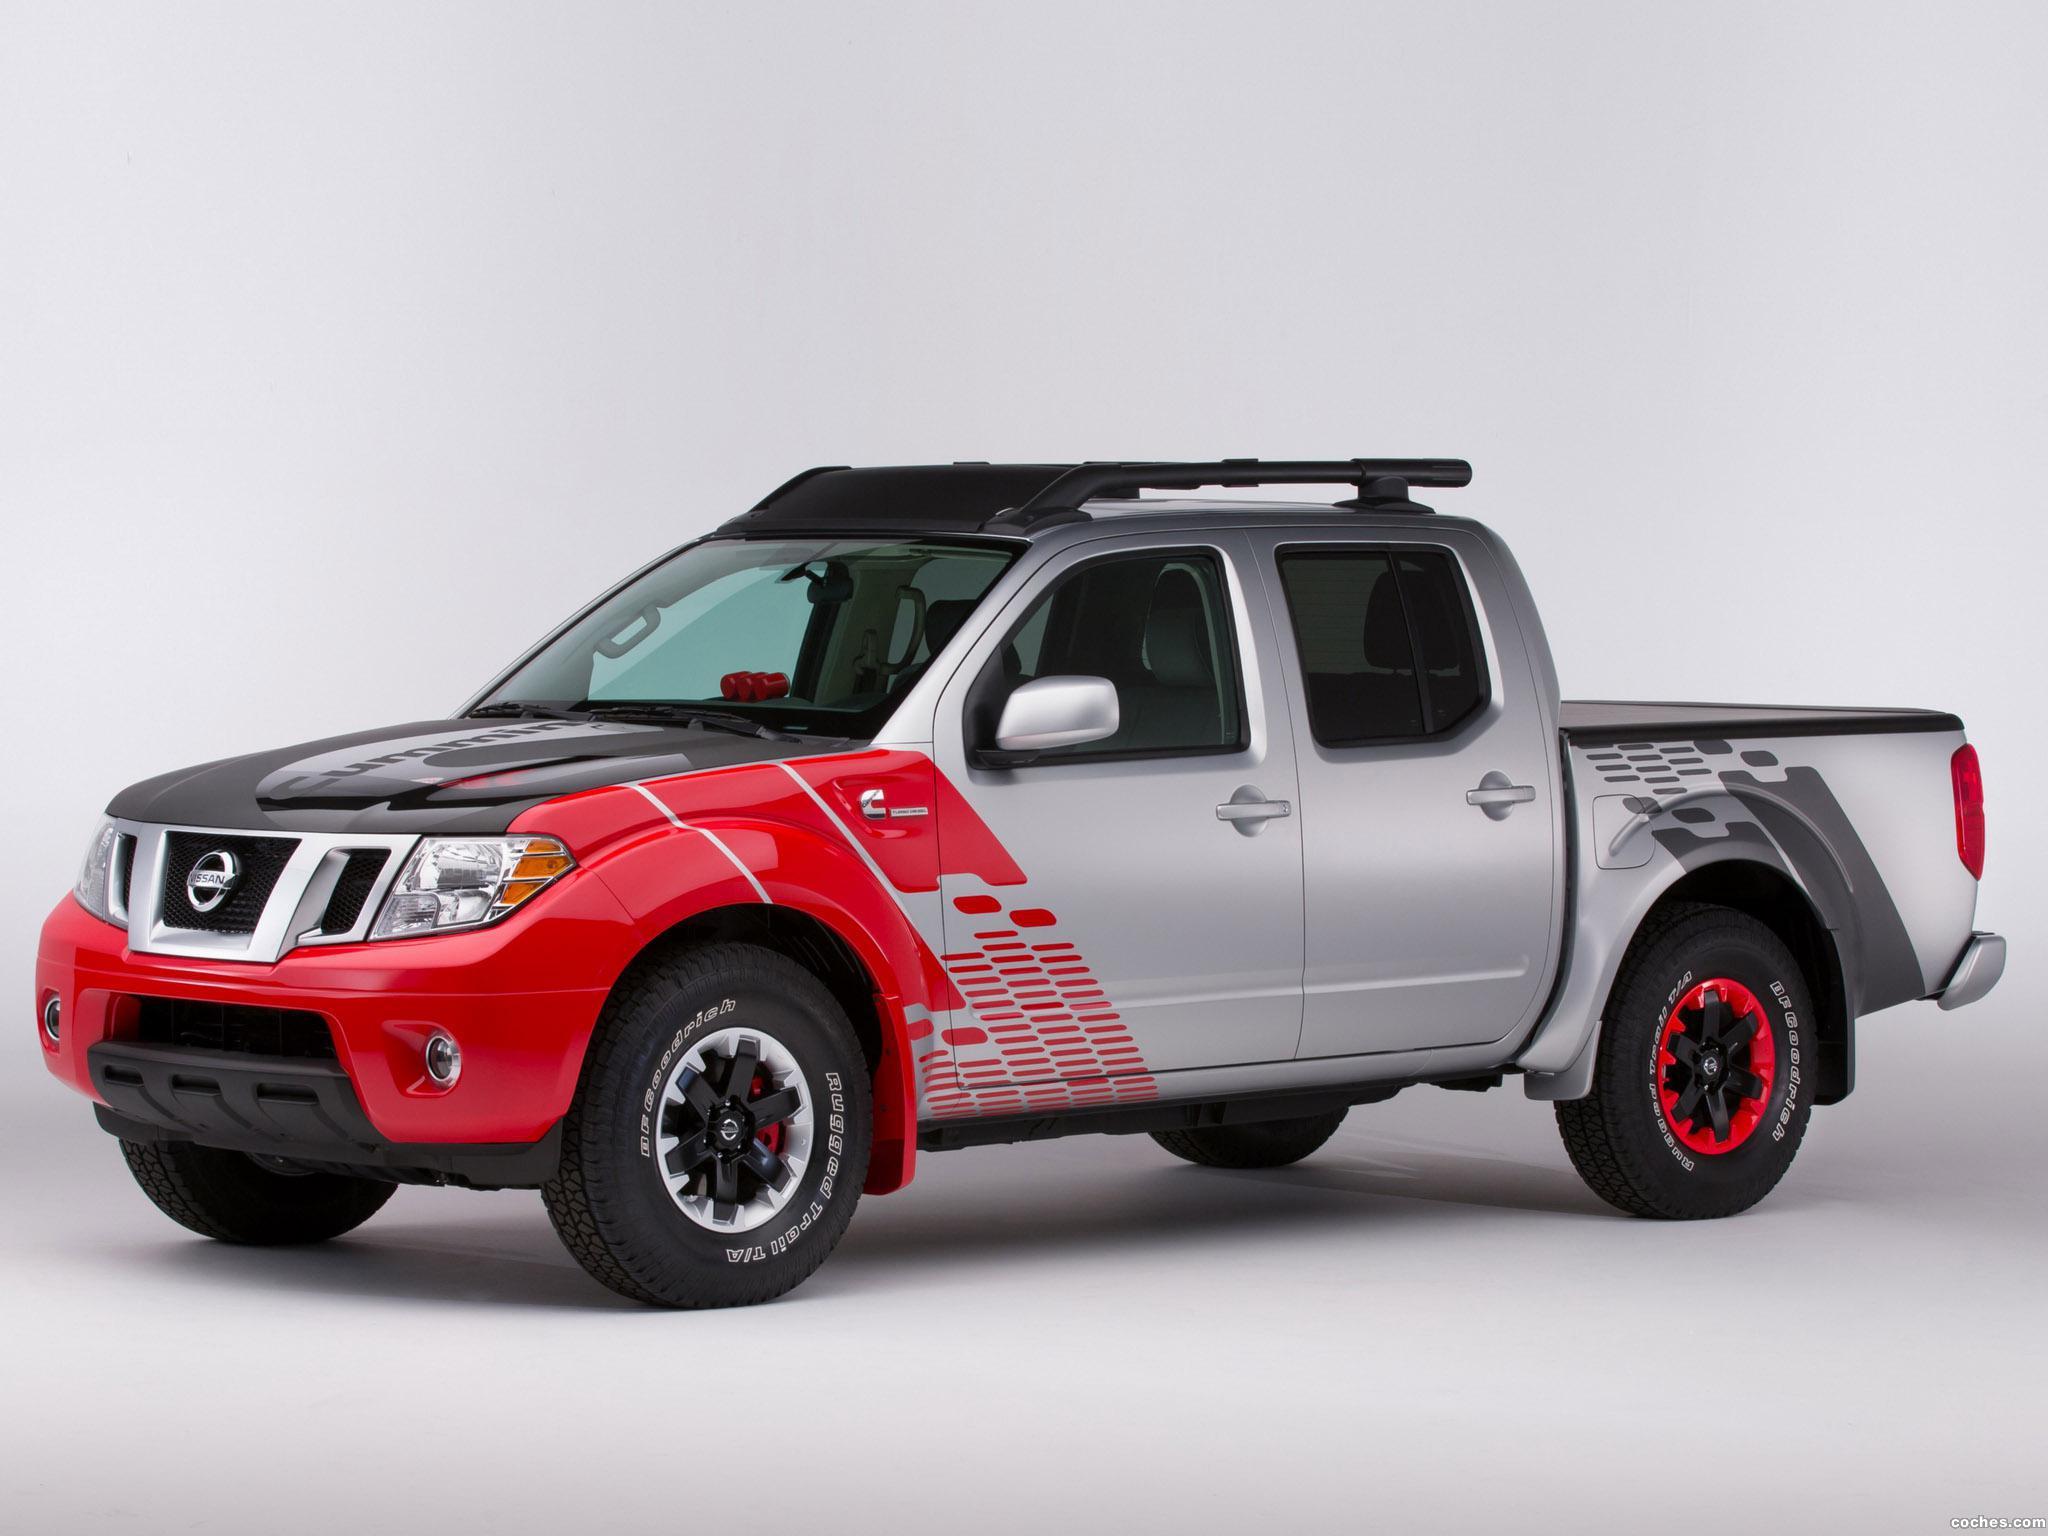 Foto 2 de Nissan Frontier Diesel Runner Concept 2014